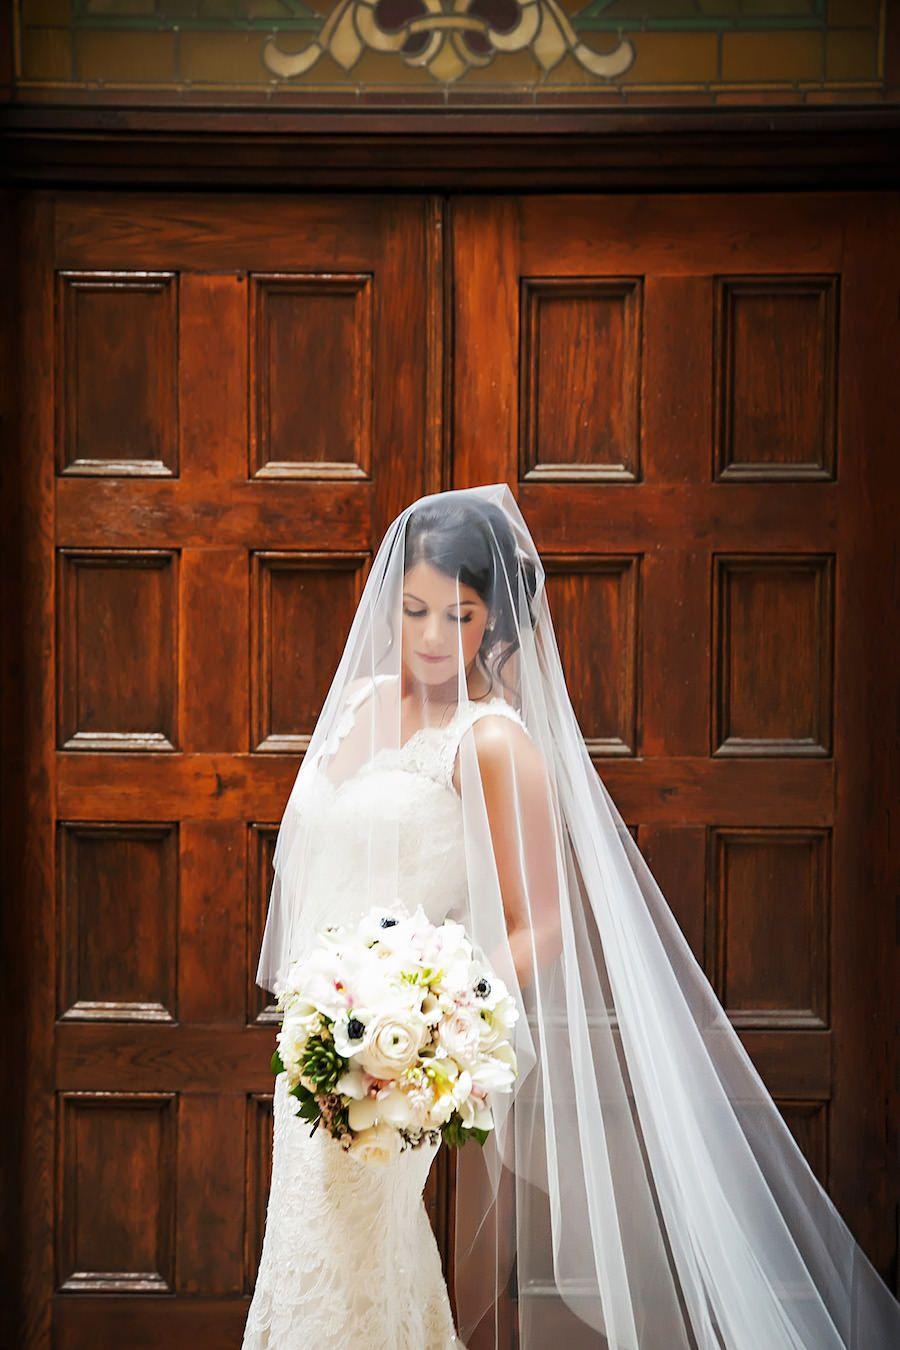 Bridal Wedding Portrait In Ivory Lace Romona Keveza Dress